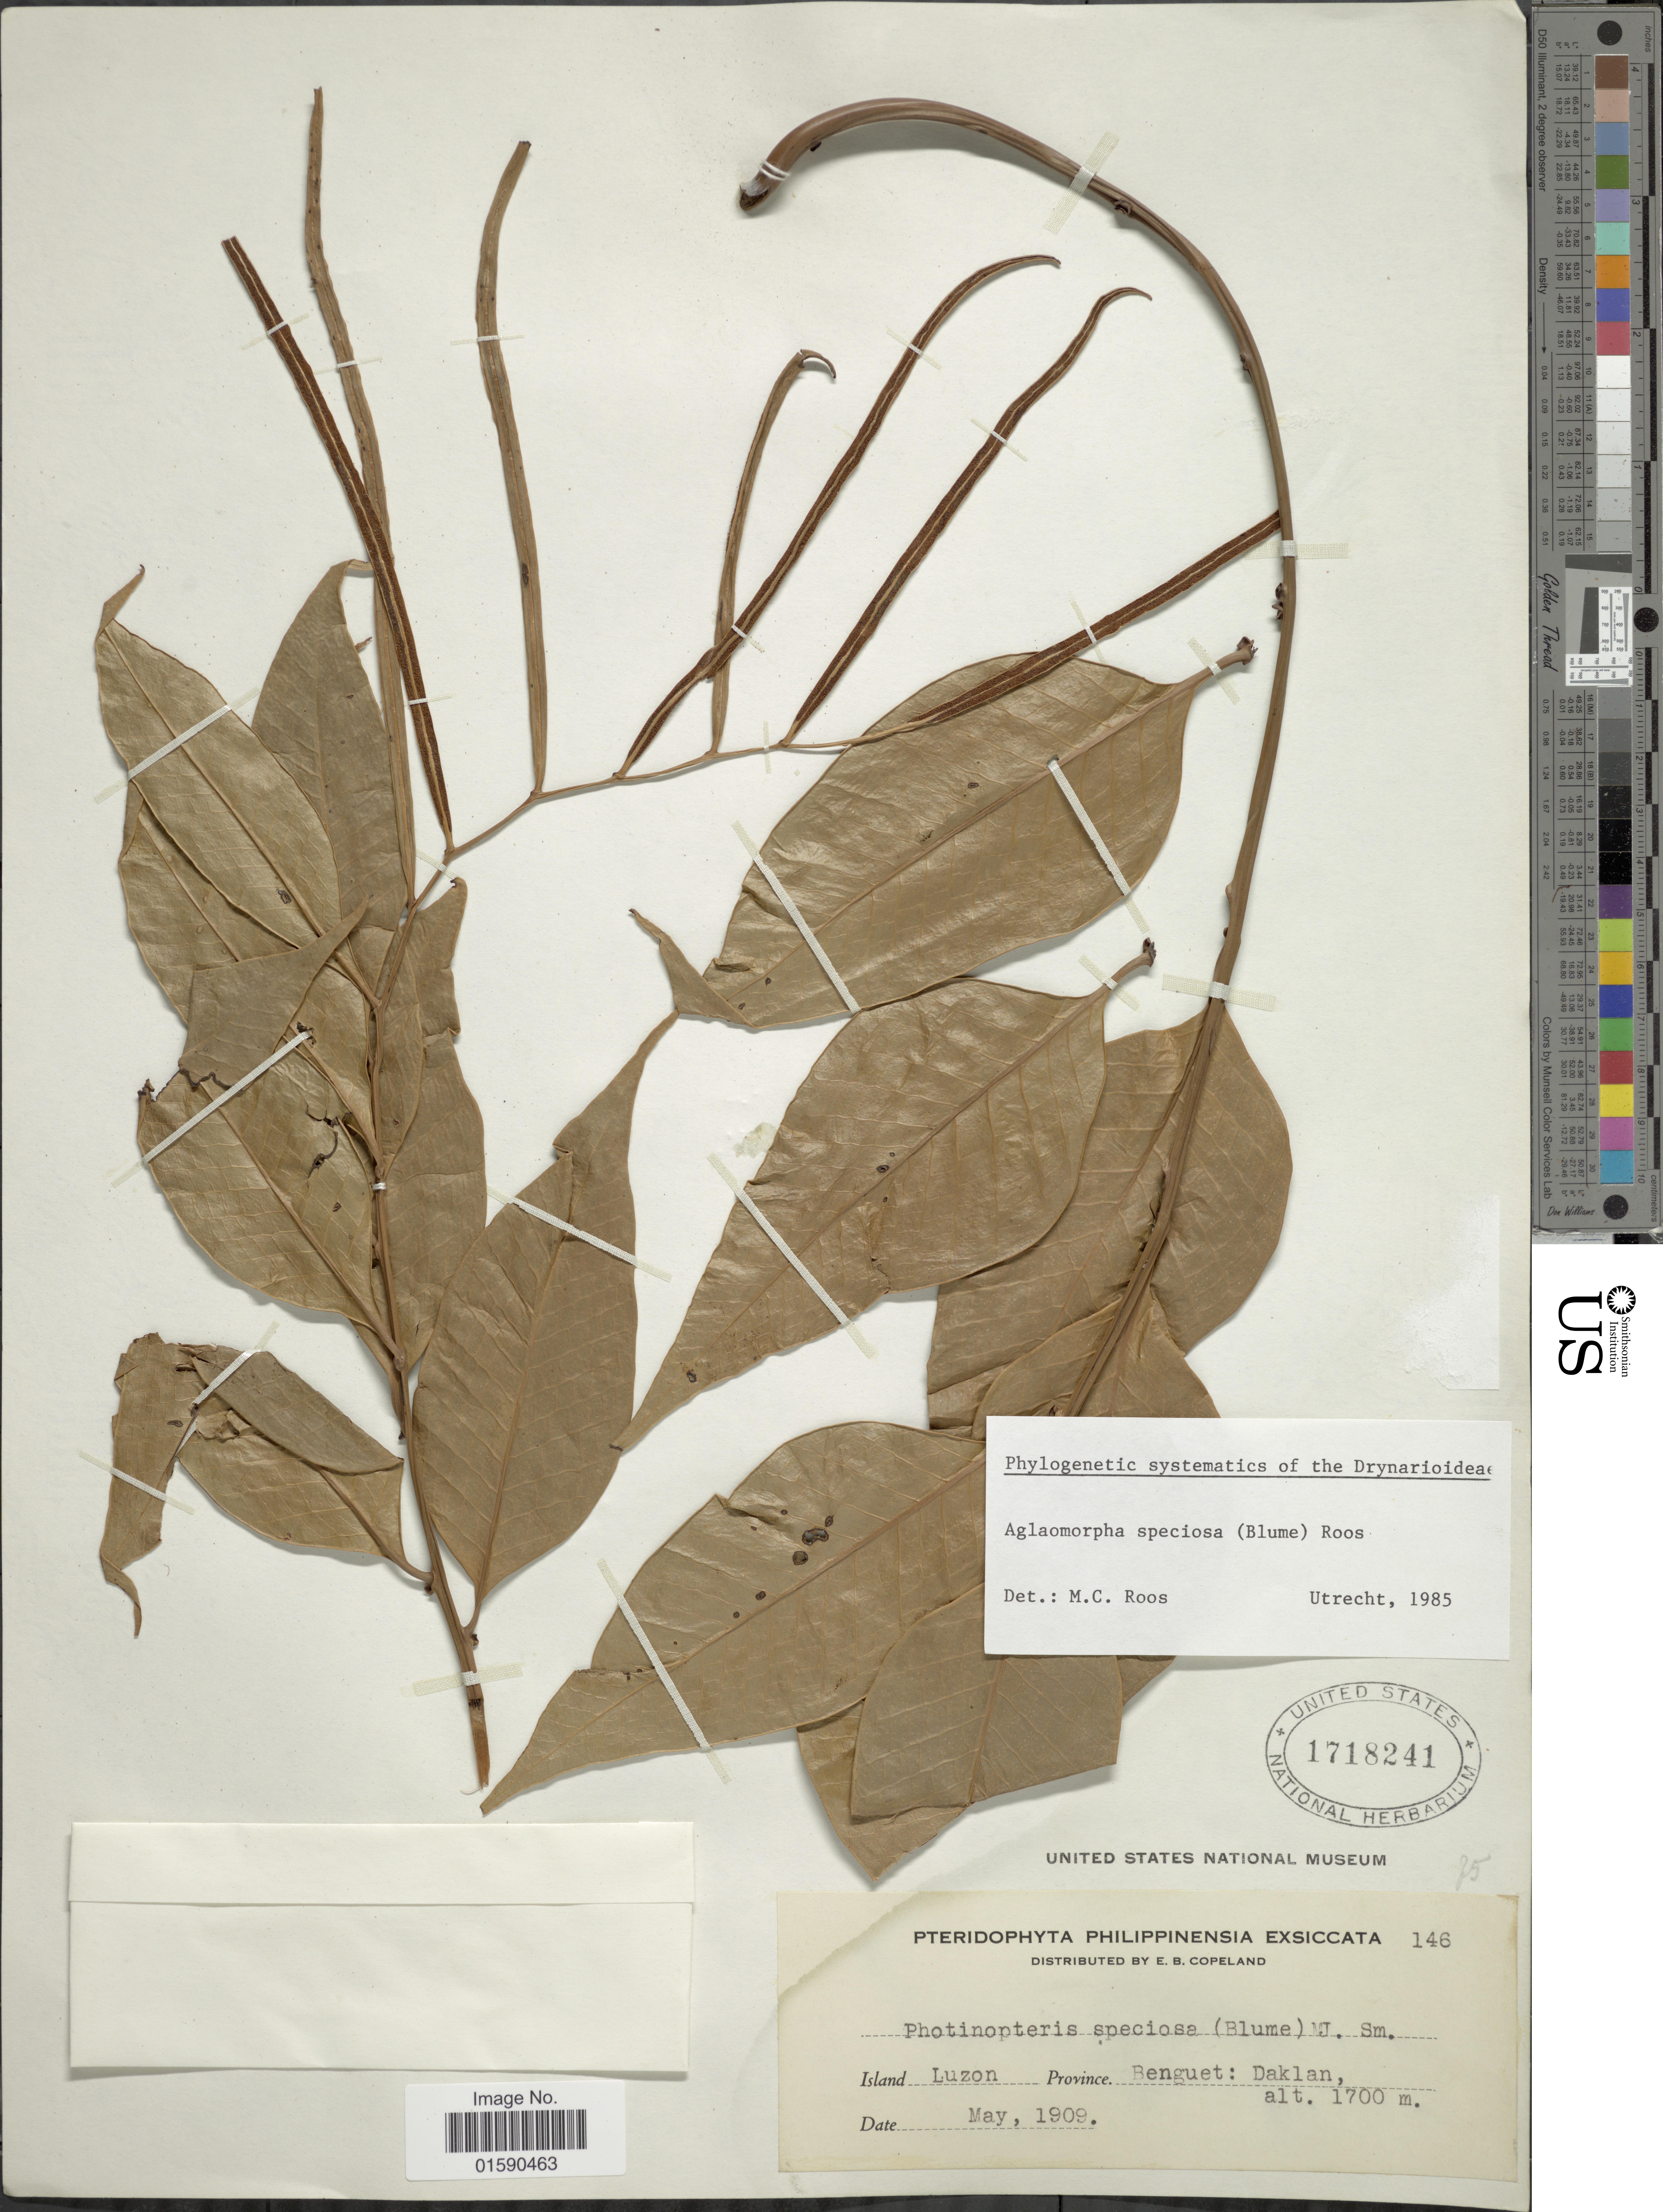 Image of <i>Aglaomorpha speciosa</i> (Bl.) M. C. Roos